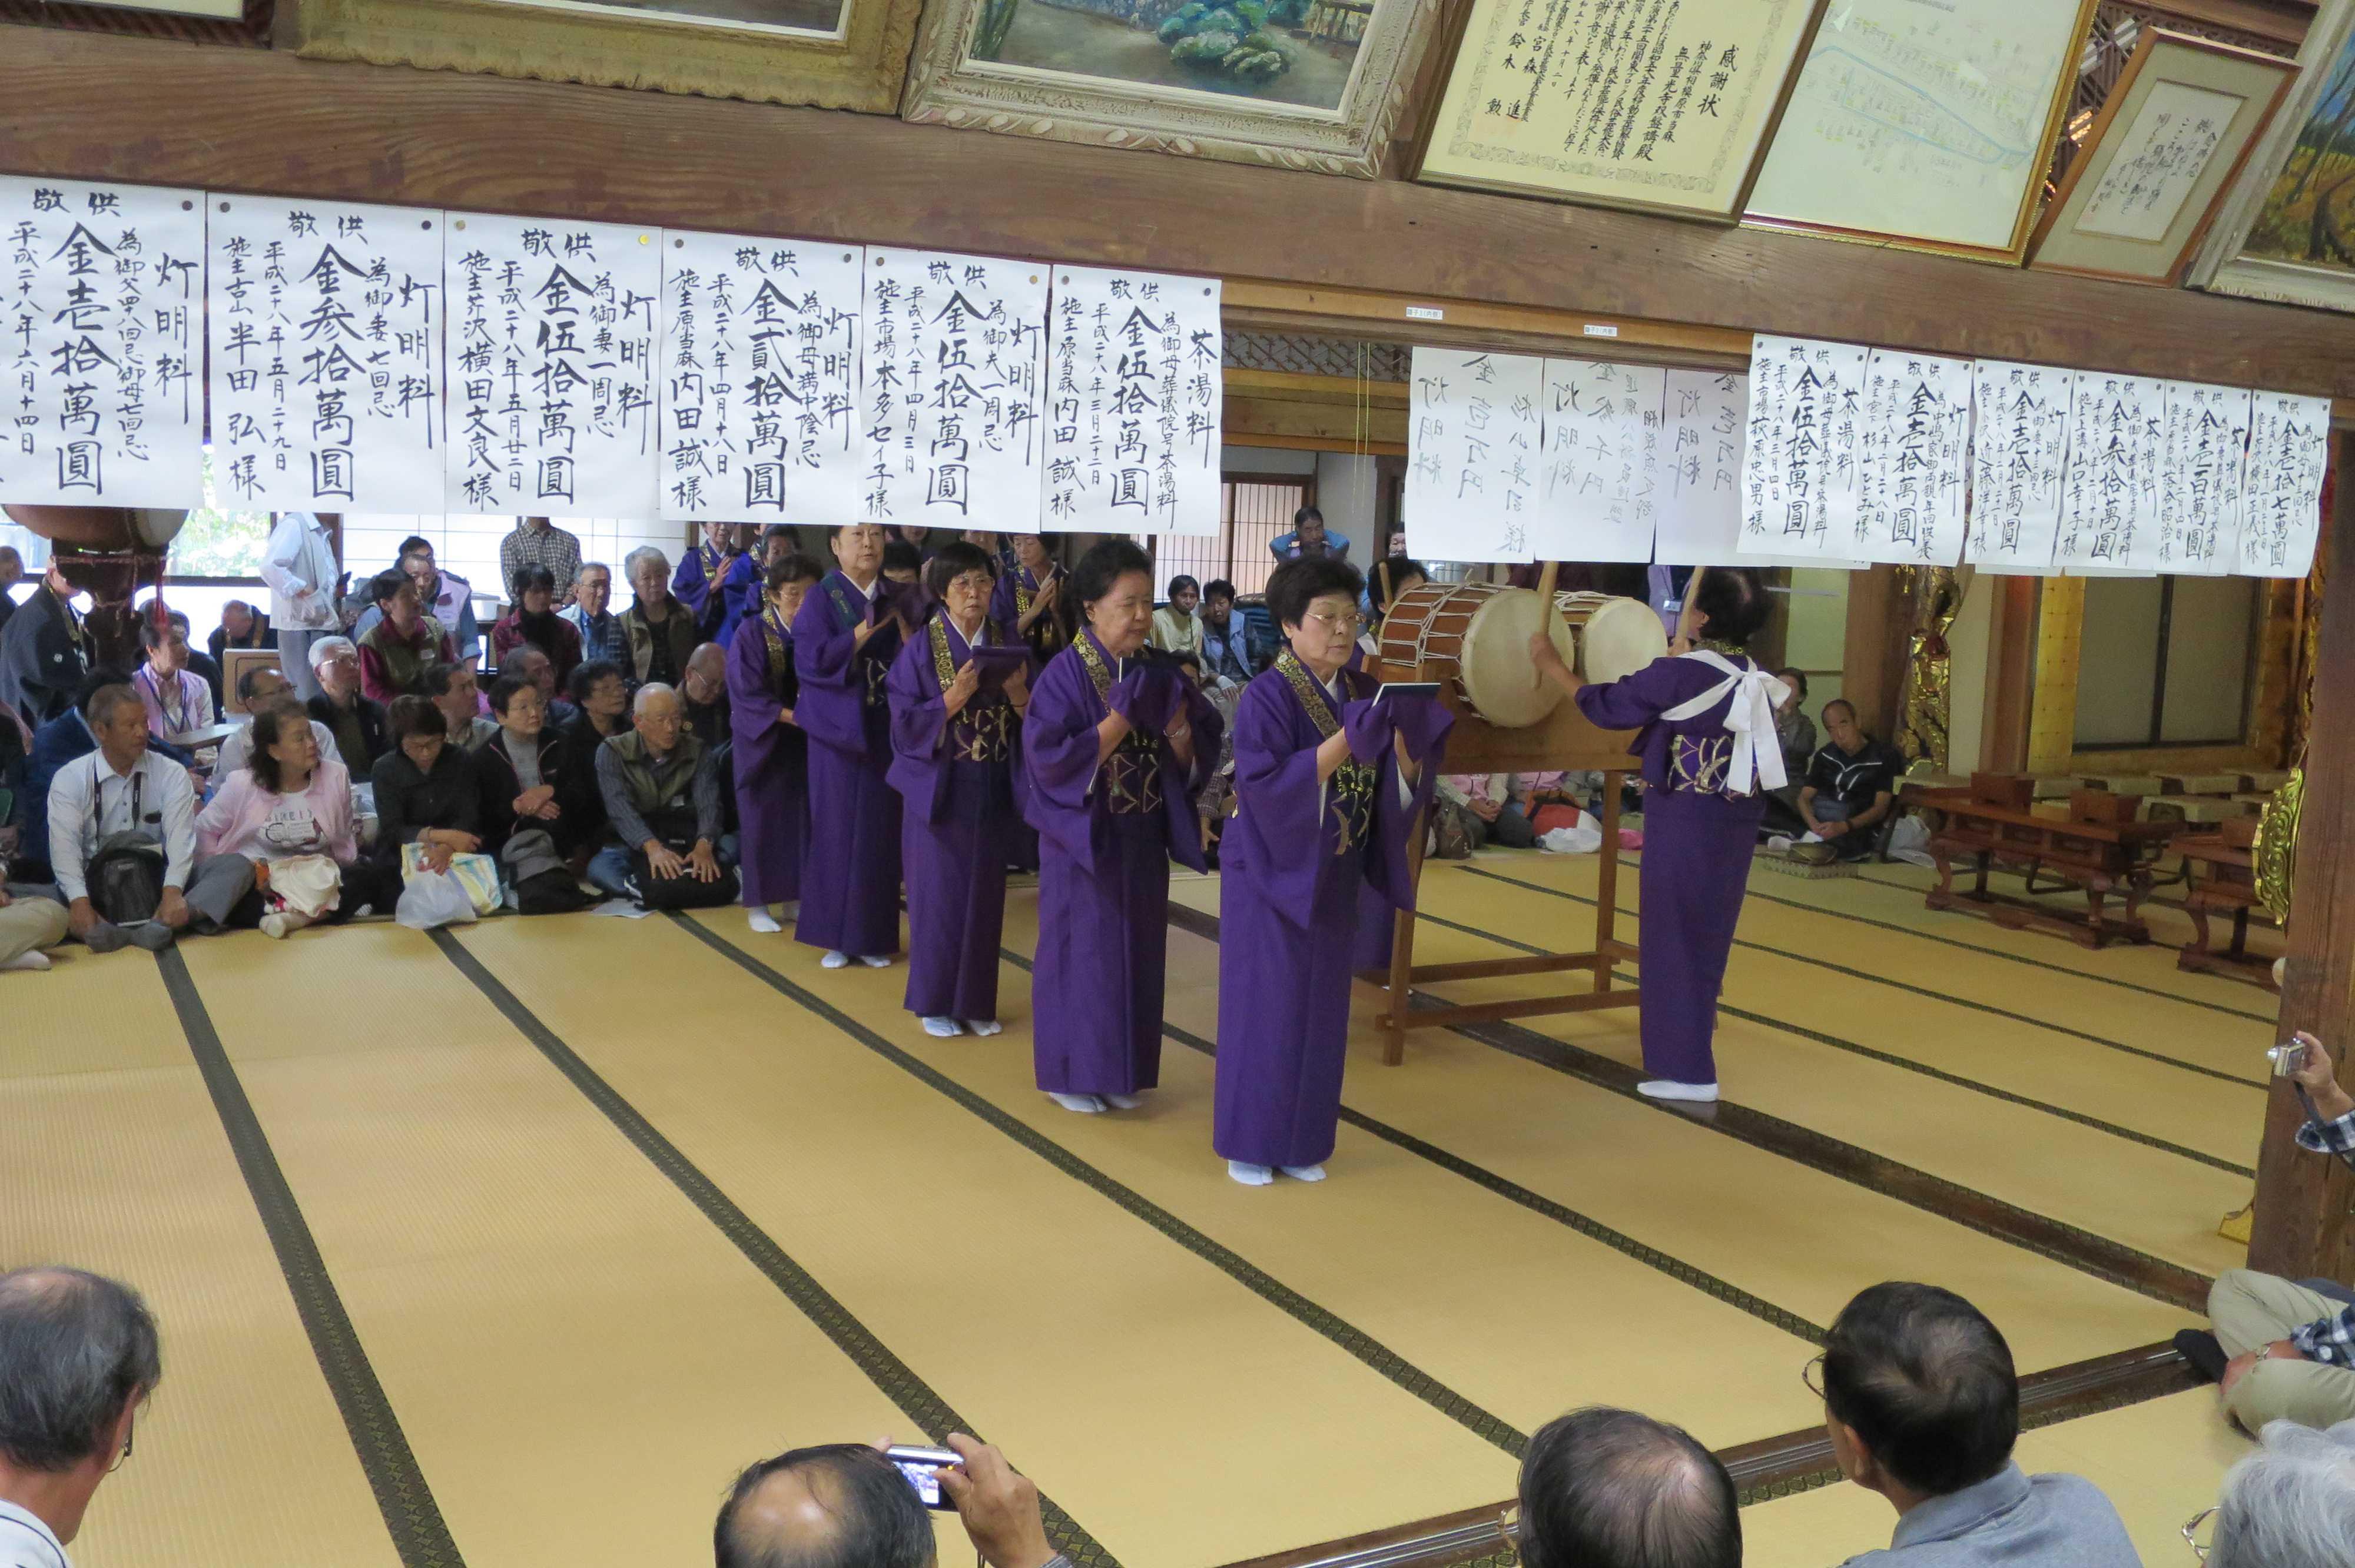 無量光寺の踊り念仏 - 歩きながら全員で「南無阿弥陀仏(なむあみだぶつ)」